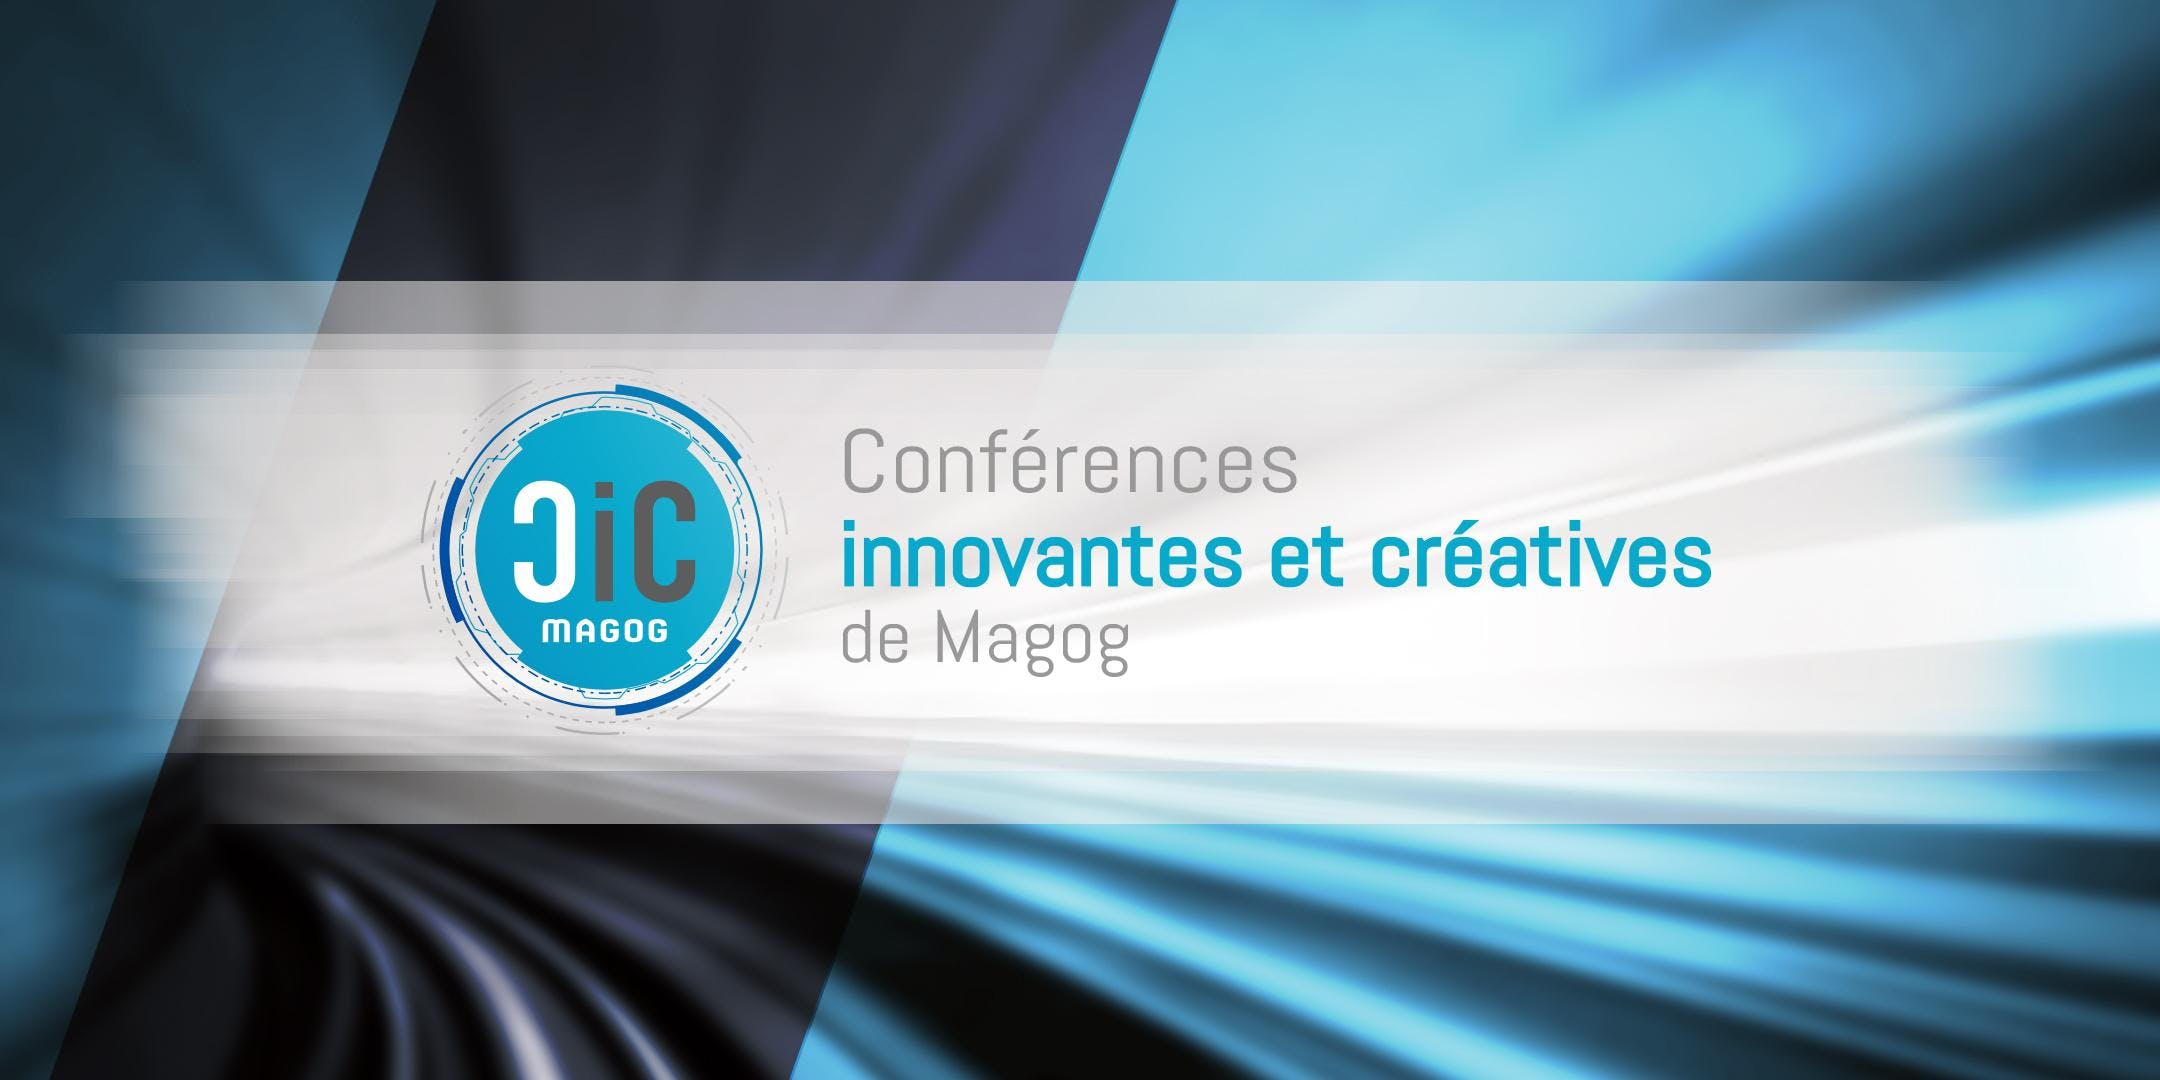 Conférences innovantes & créatives de Magog